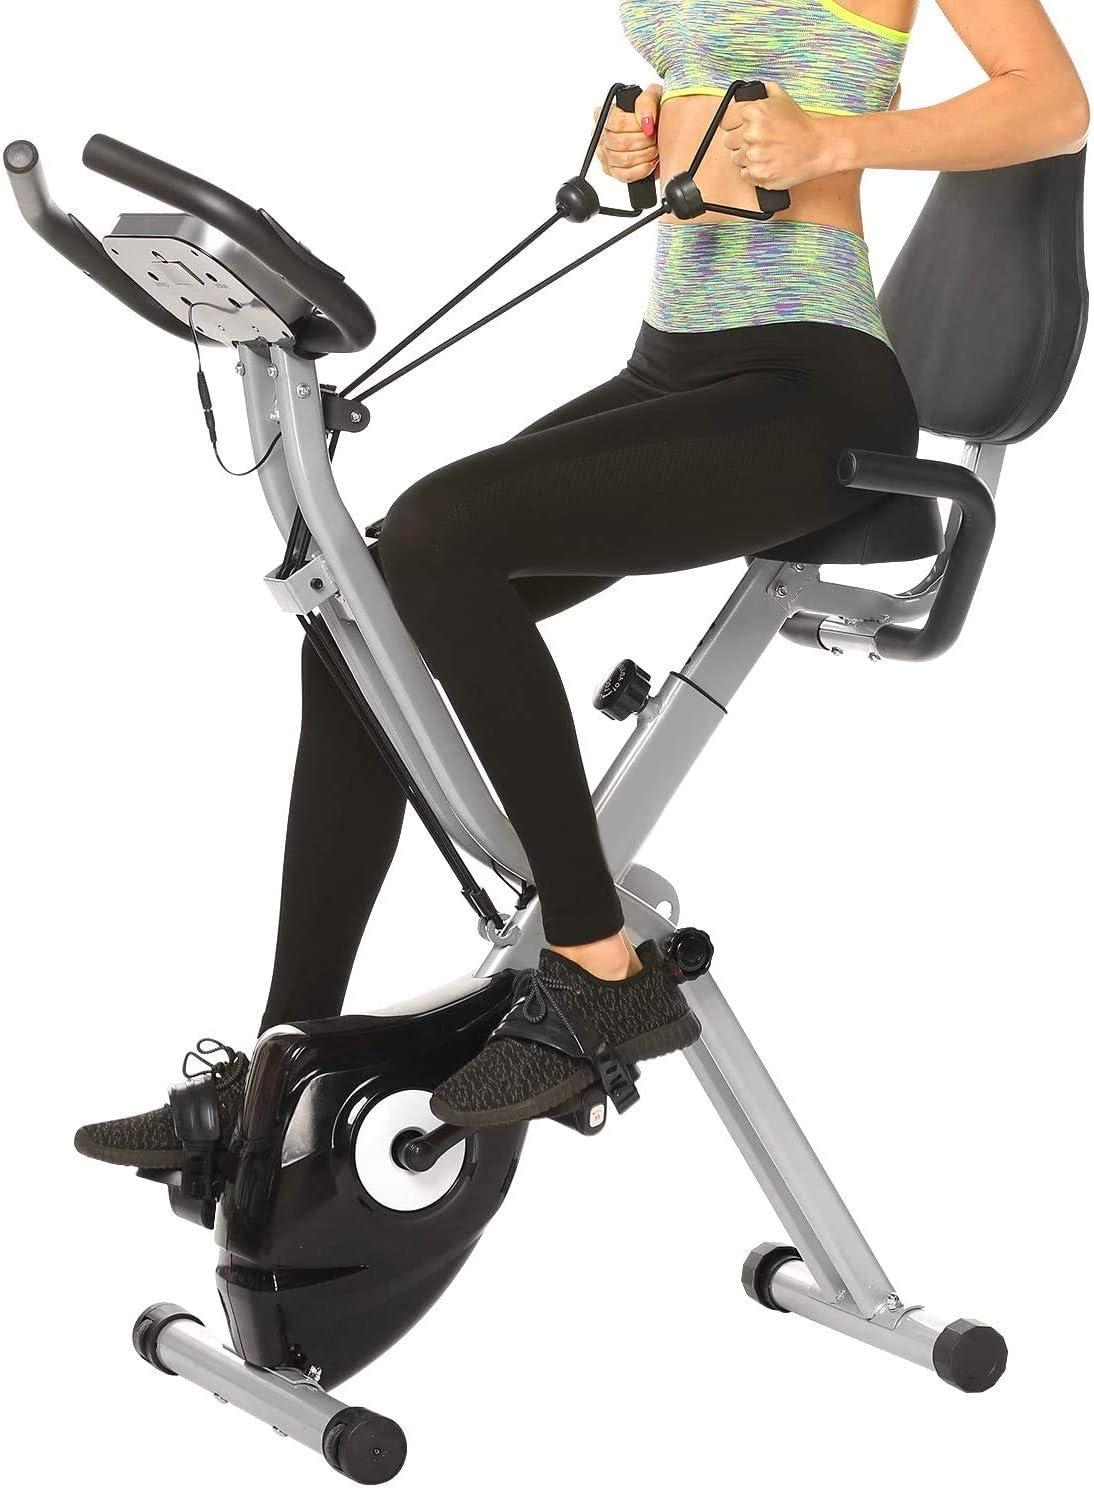 ANCHEER Bicicleta Estática Plegable Bicicleta de Ejercicio 10 Niveles de Resistencia Magnética, con App, Soporte para Tableta Capacidad de Peso:120kg